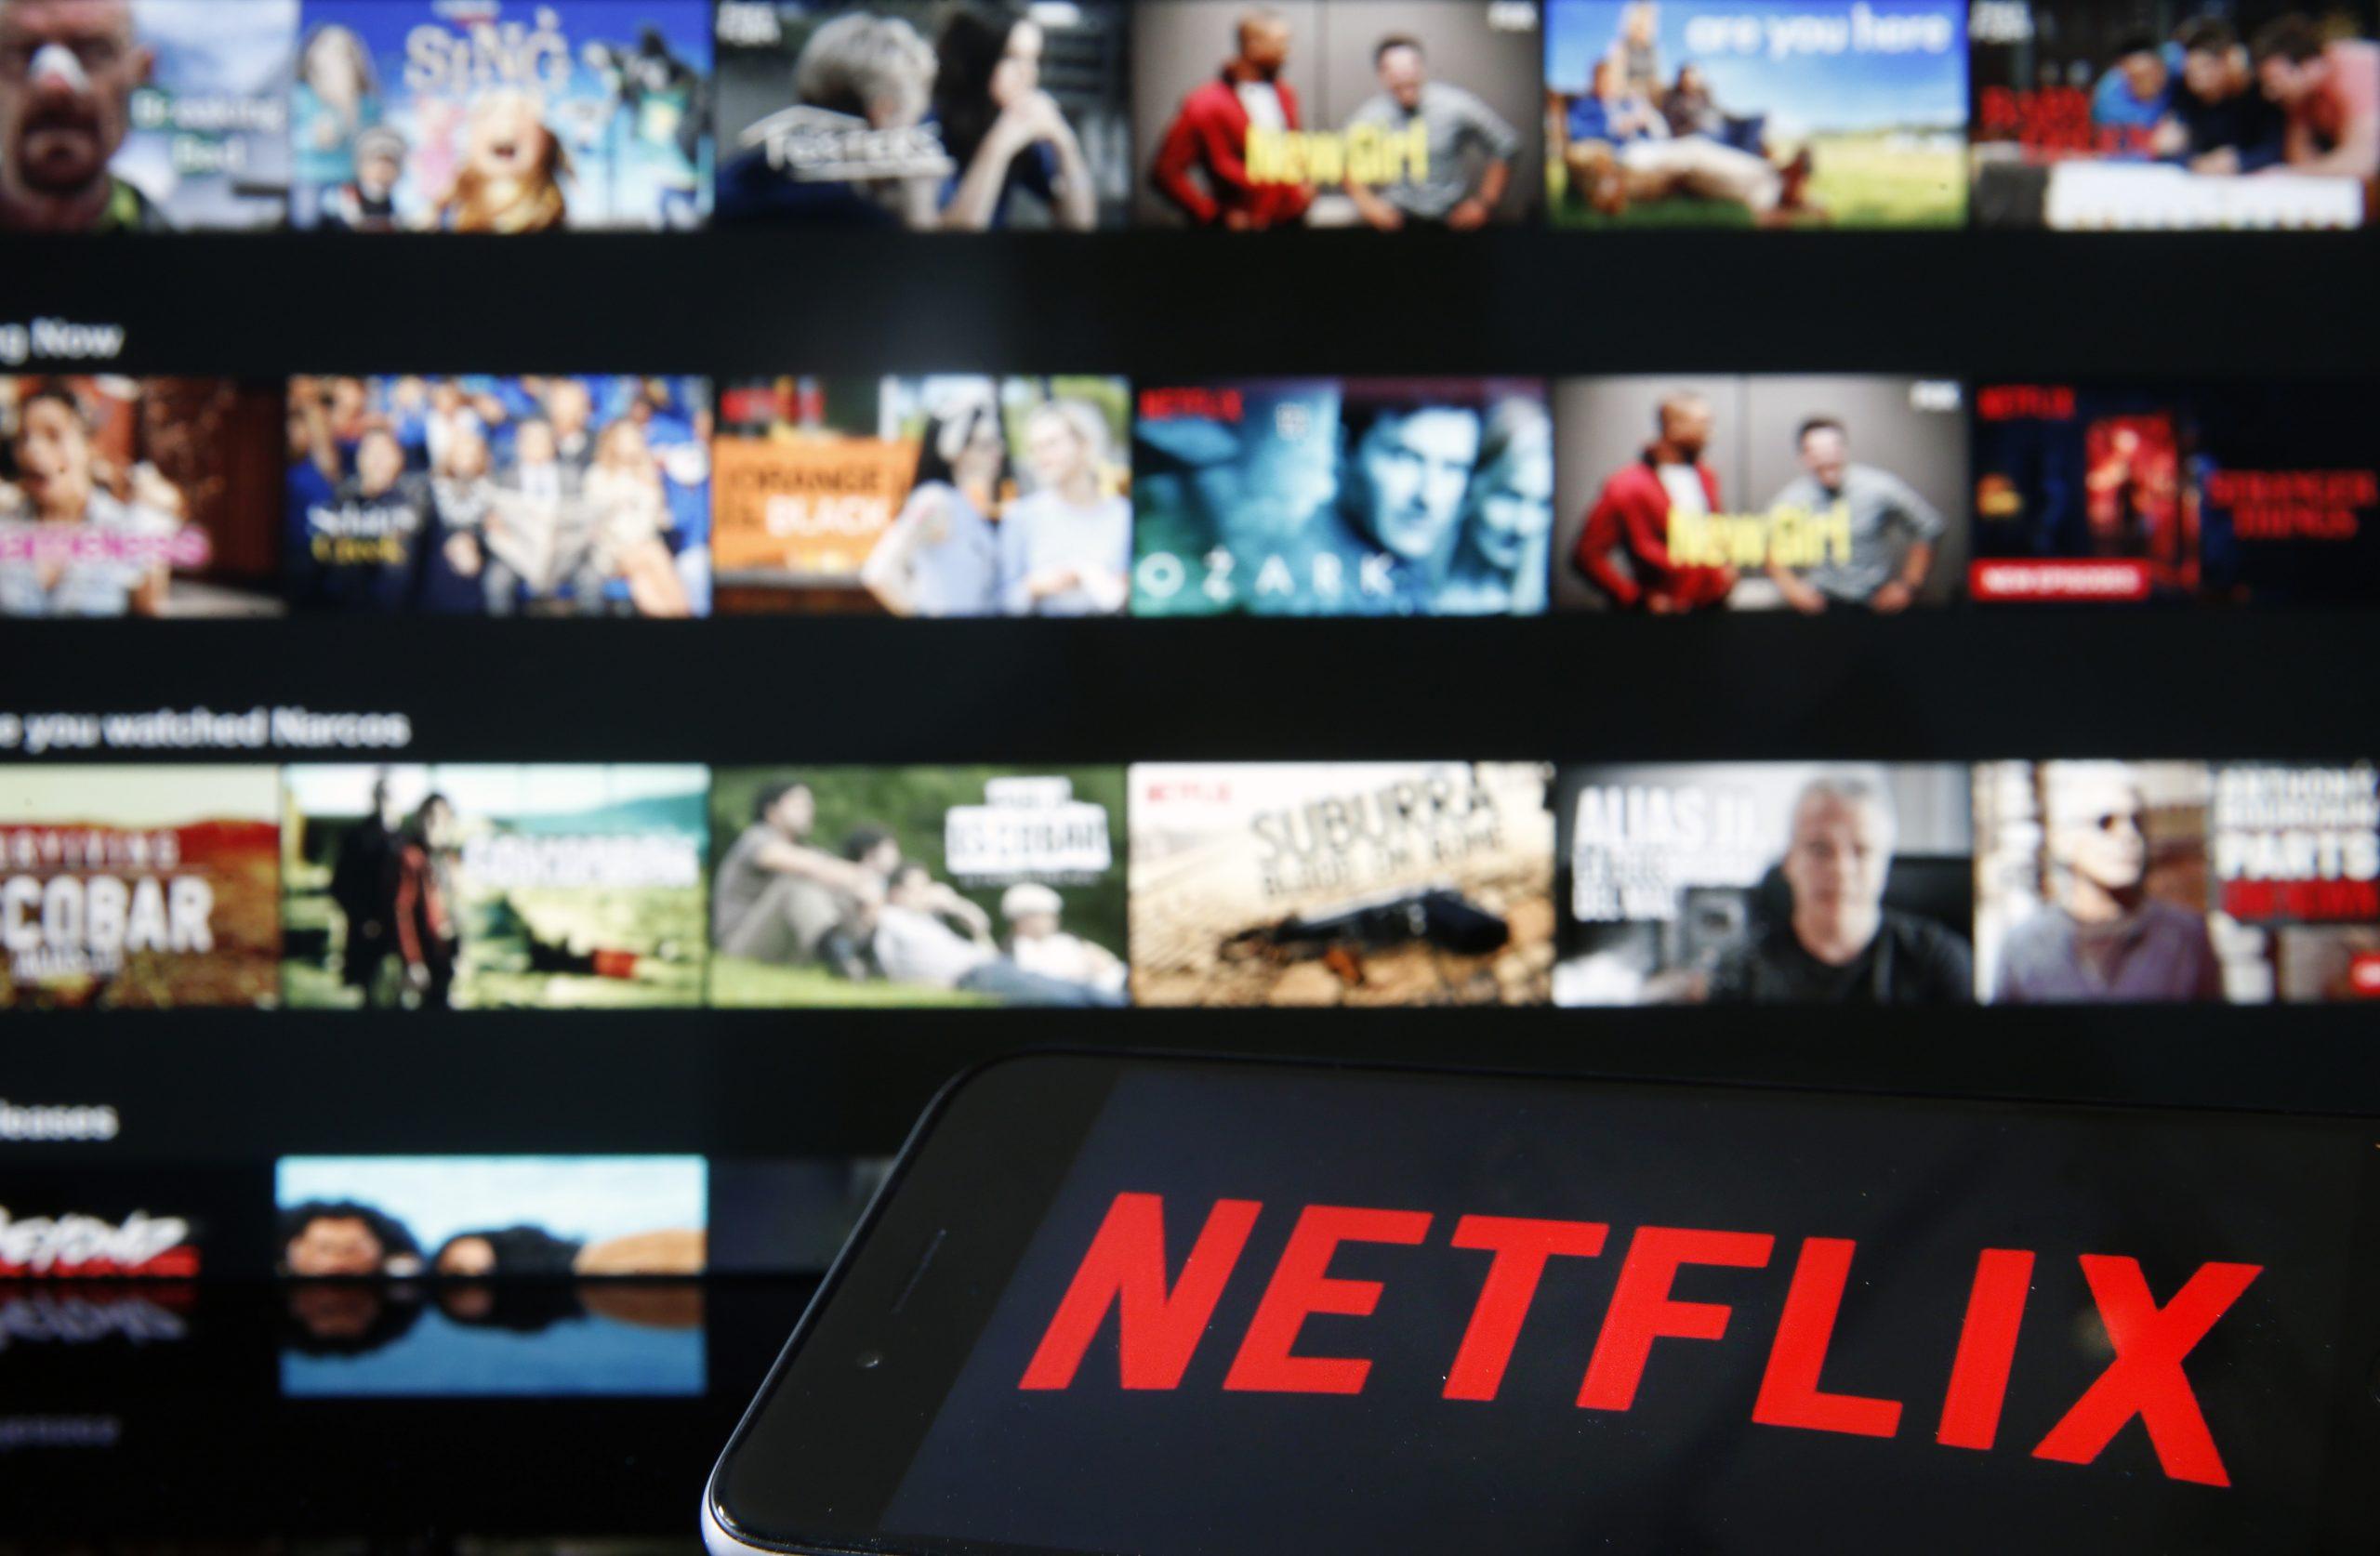 Estas son las 10 películas originales más vistas en Netflix a nivel mundial